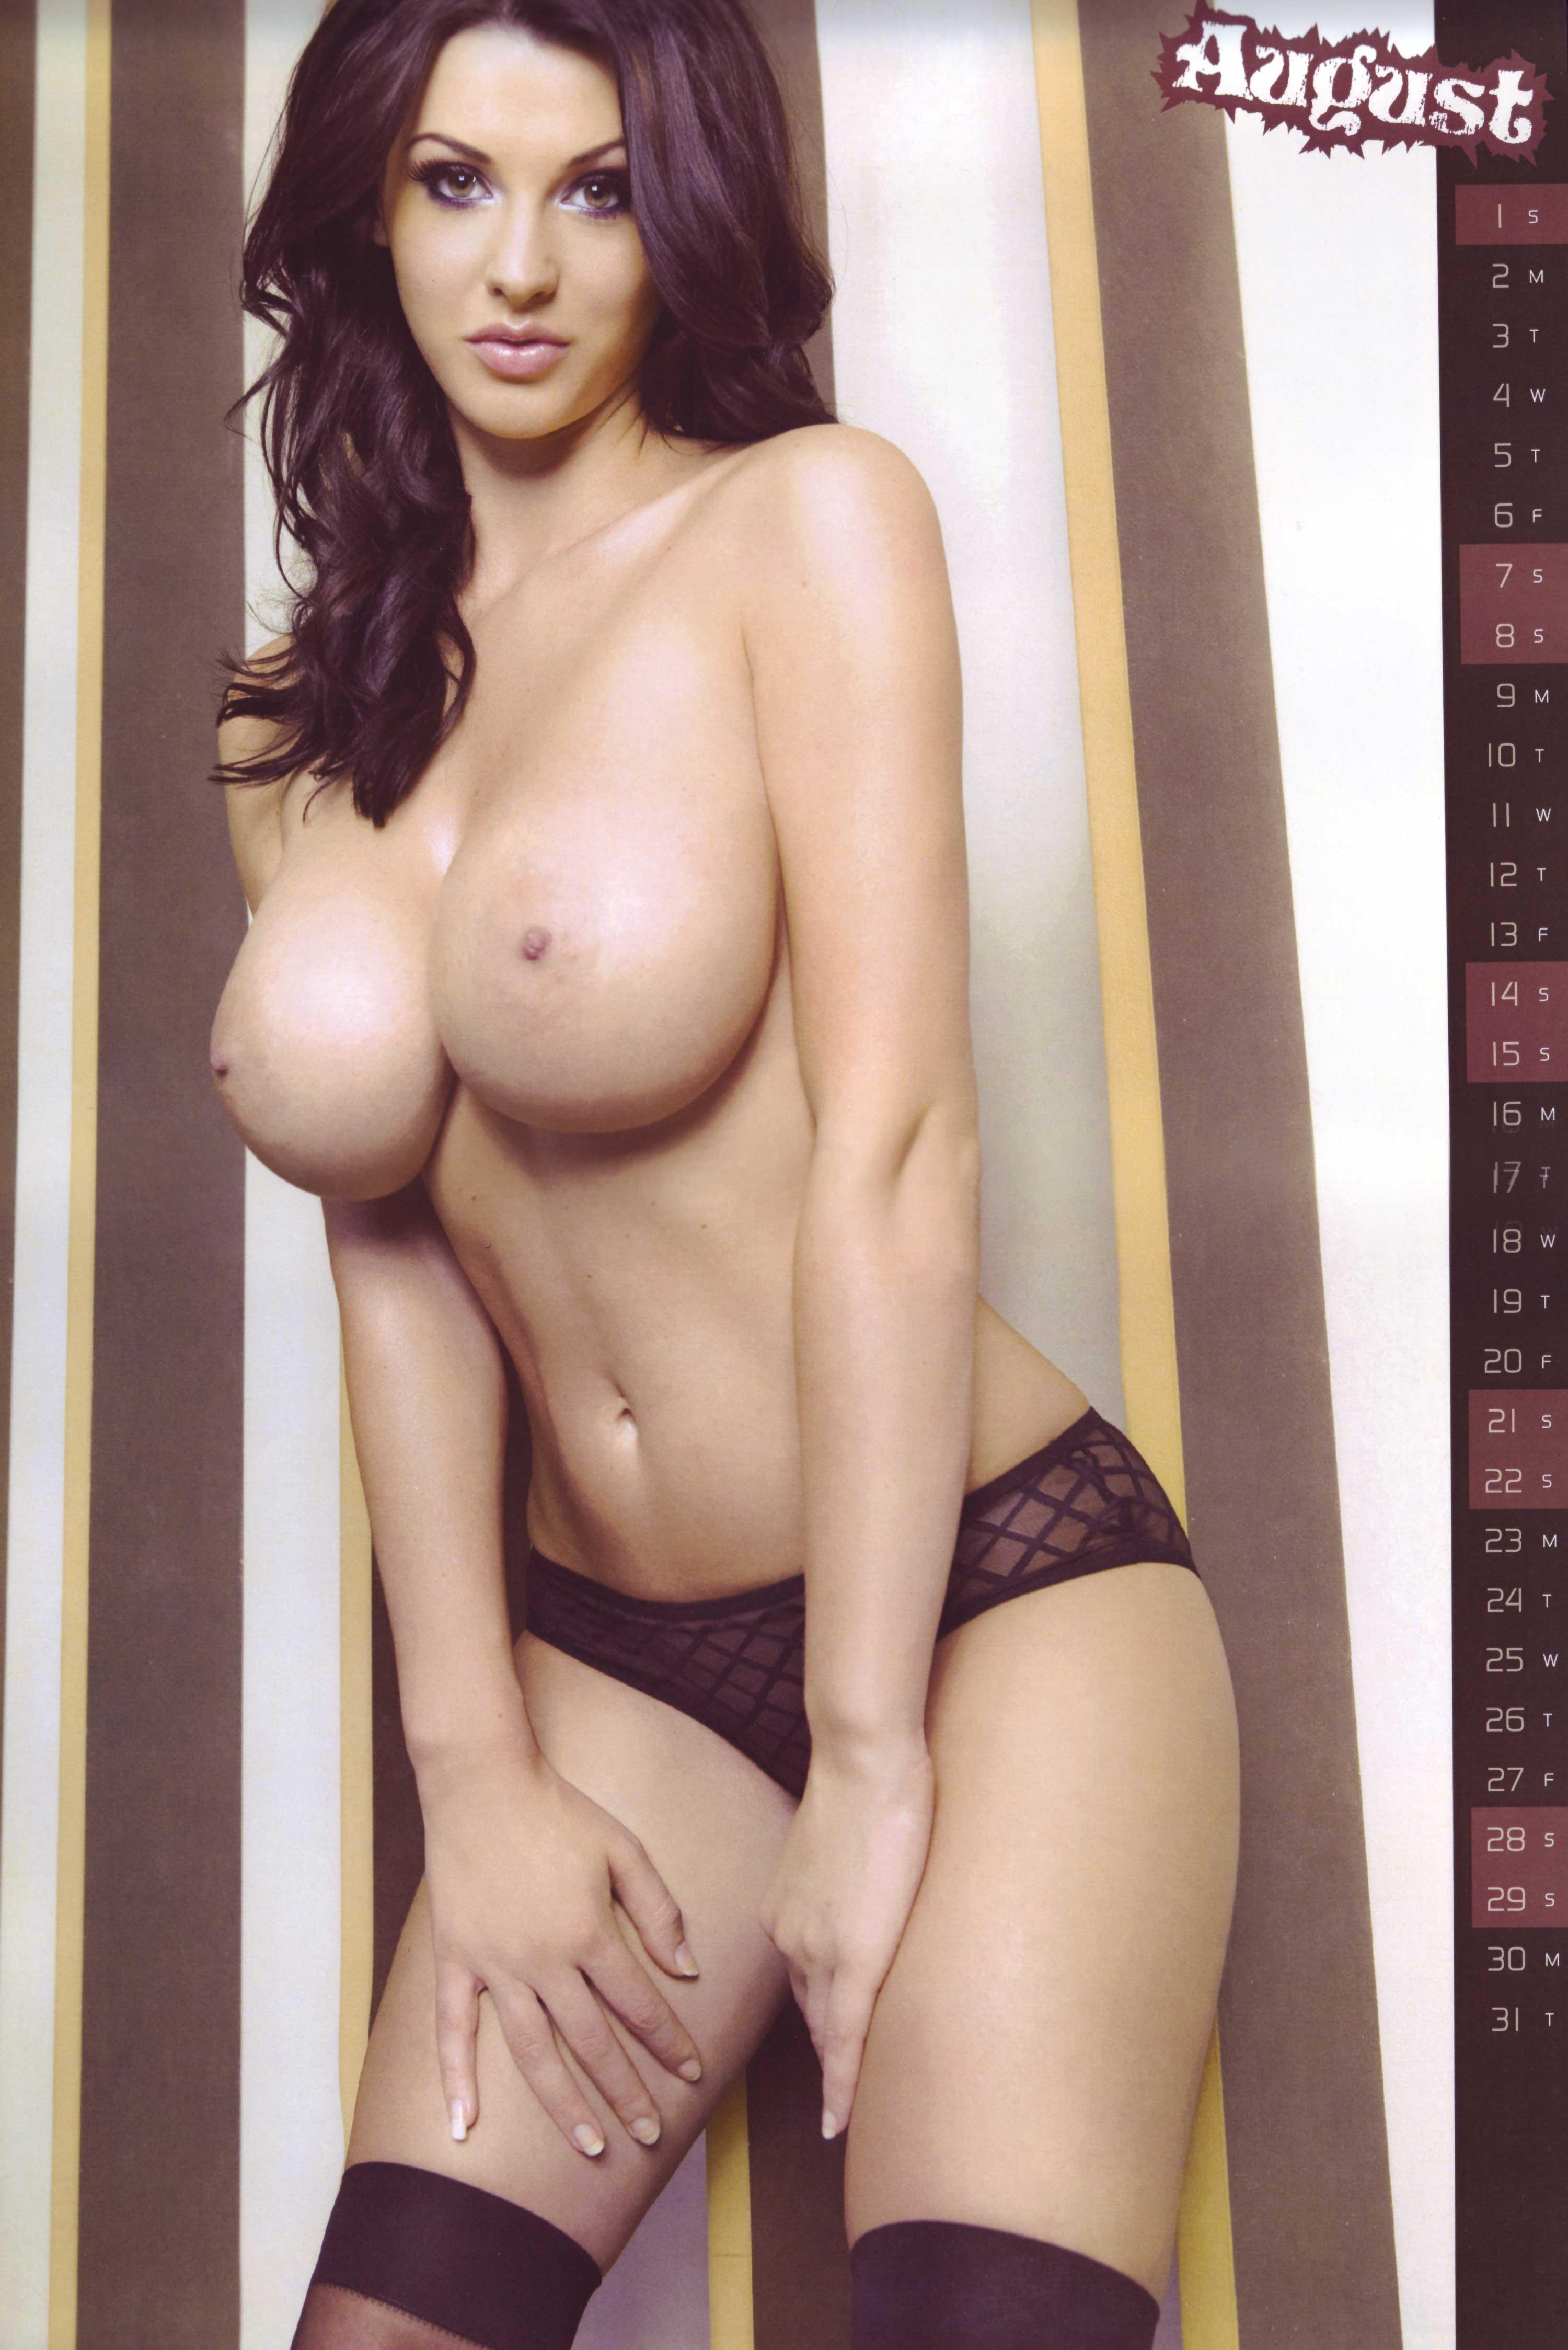 Стройная брюнетка грудь 3 фотография